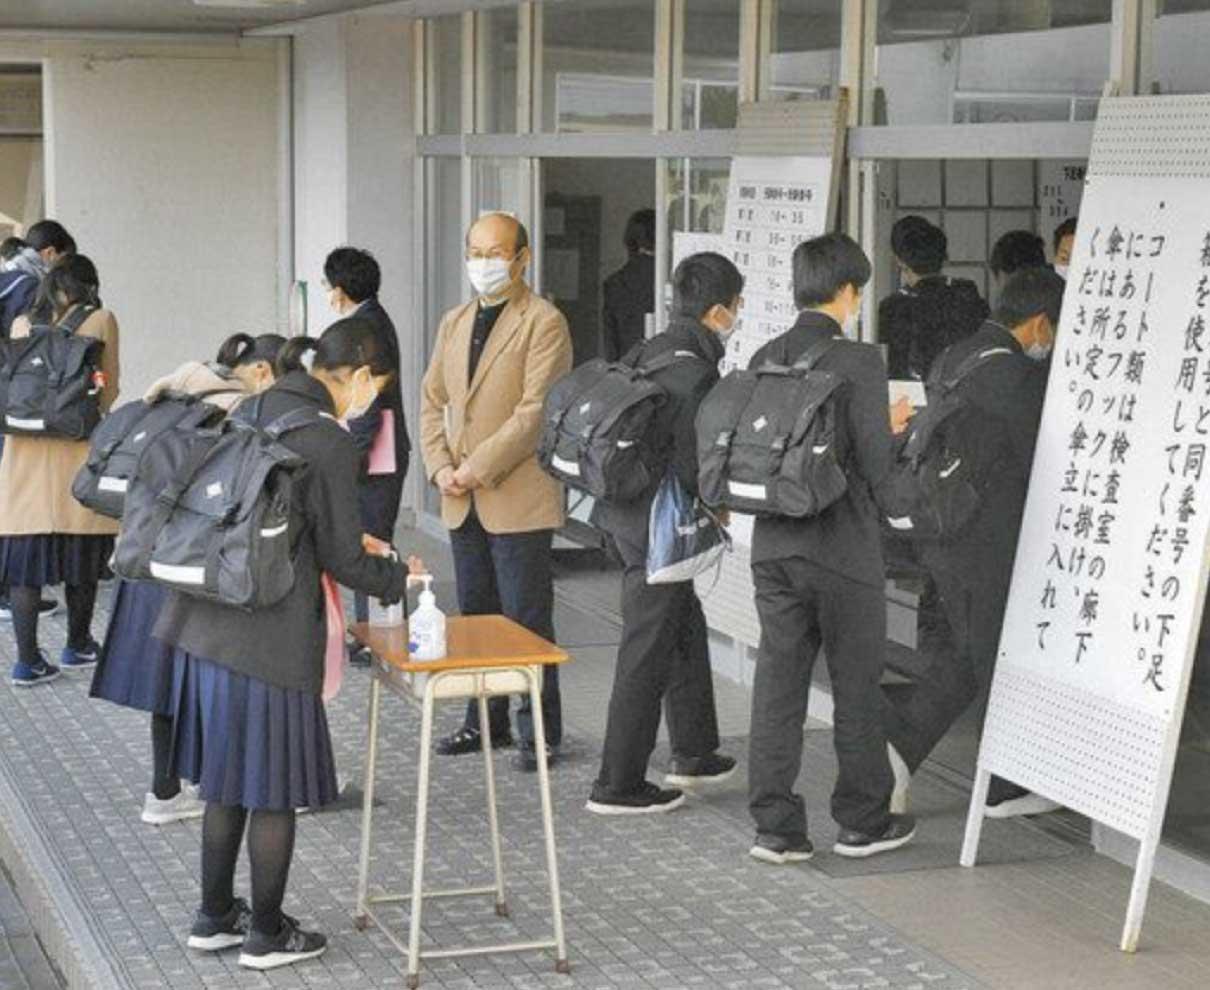 県立高入試 3987人挑む 検温などコロナ対策徹底